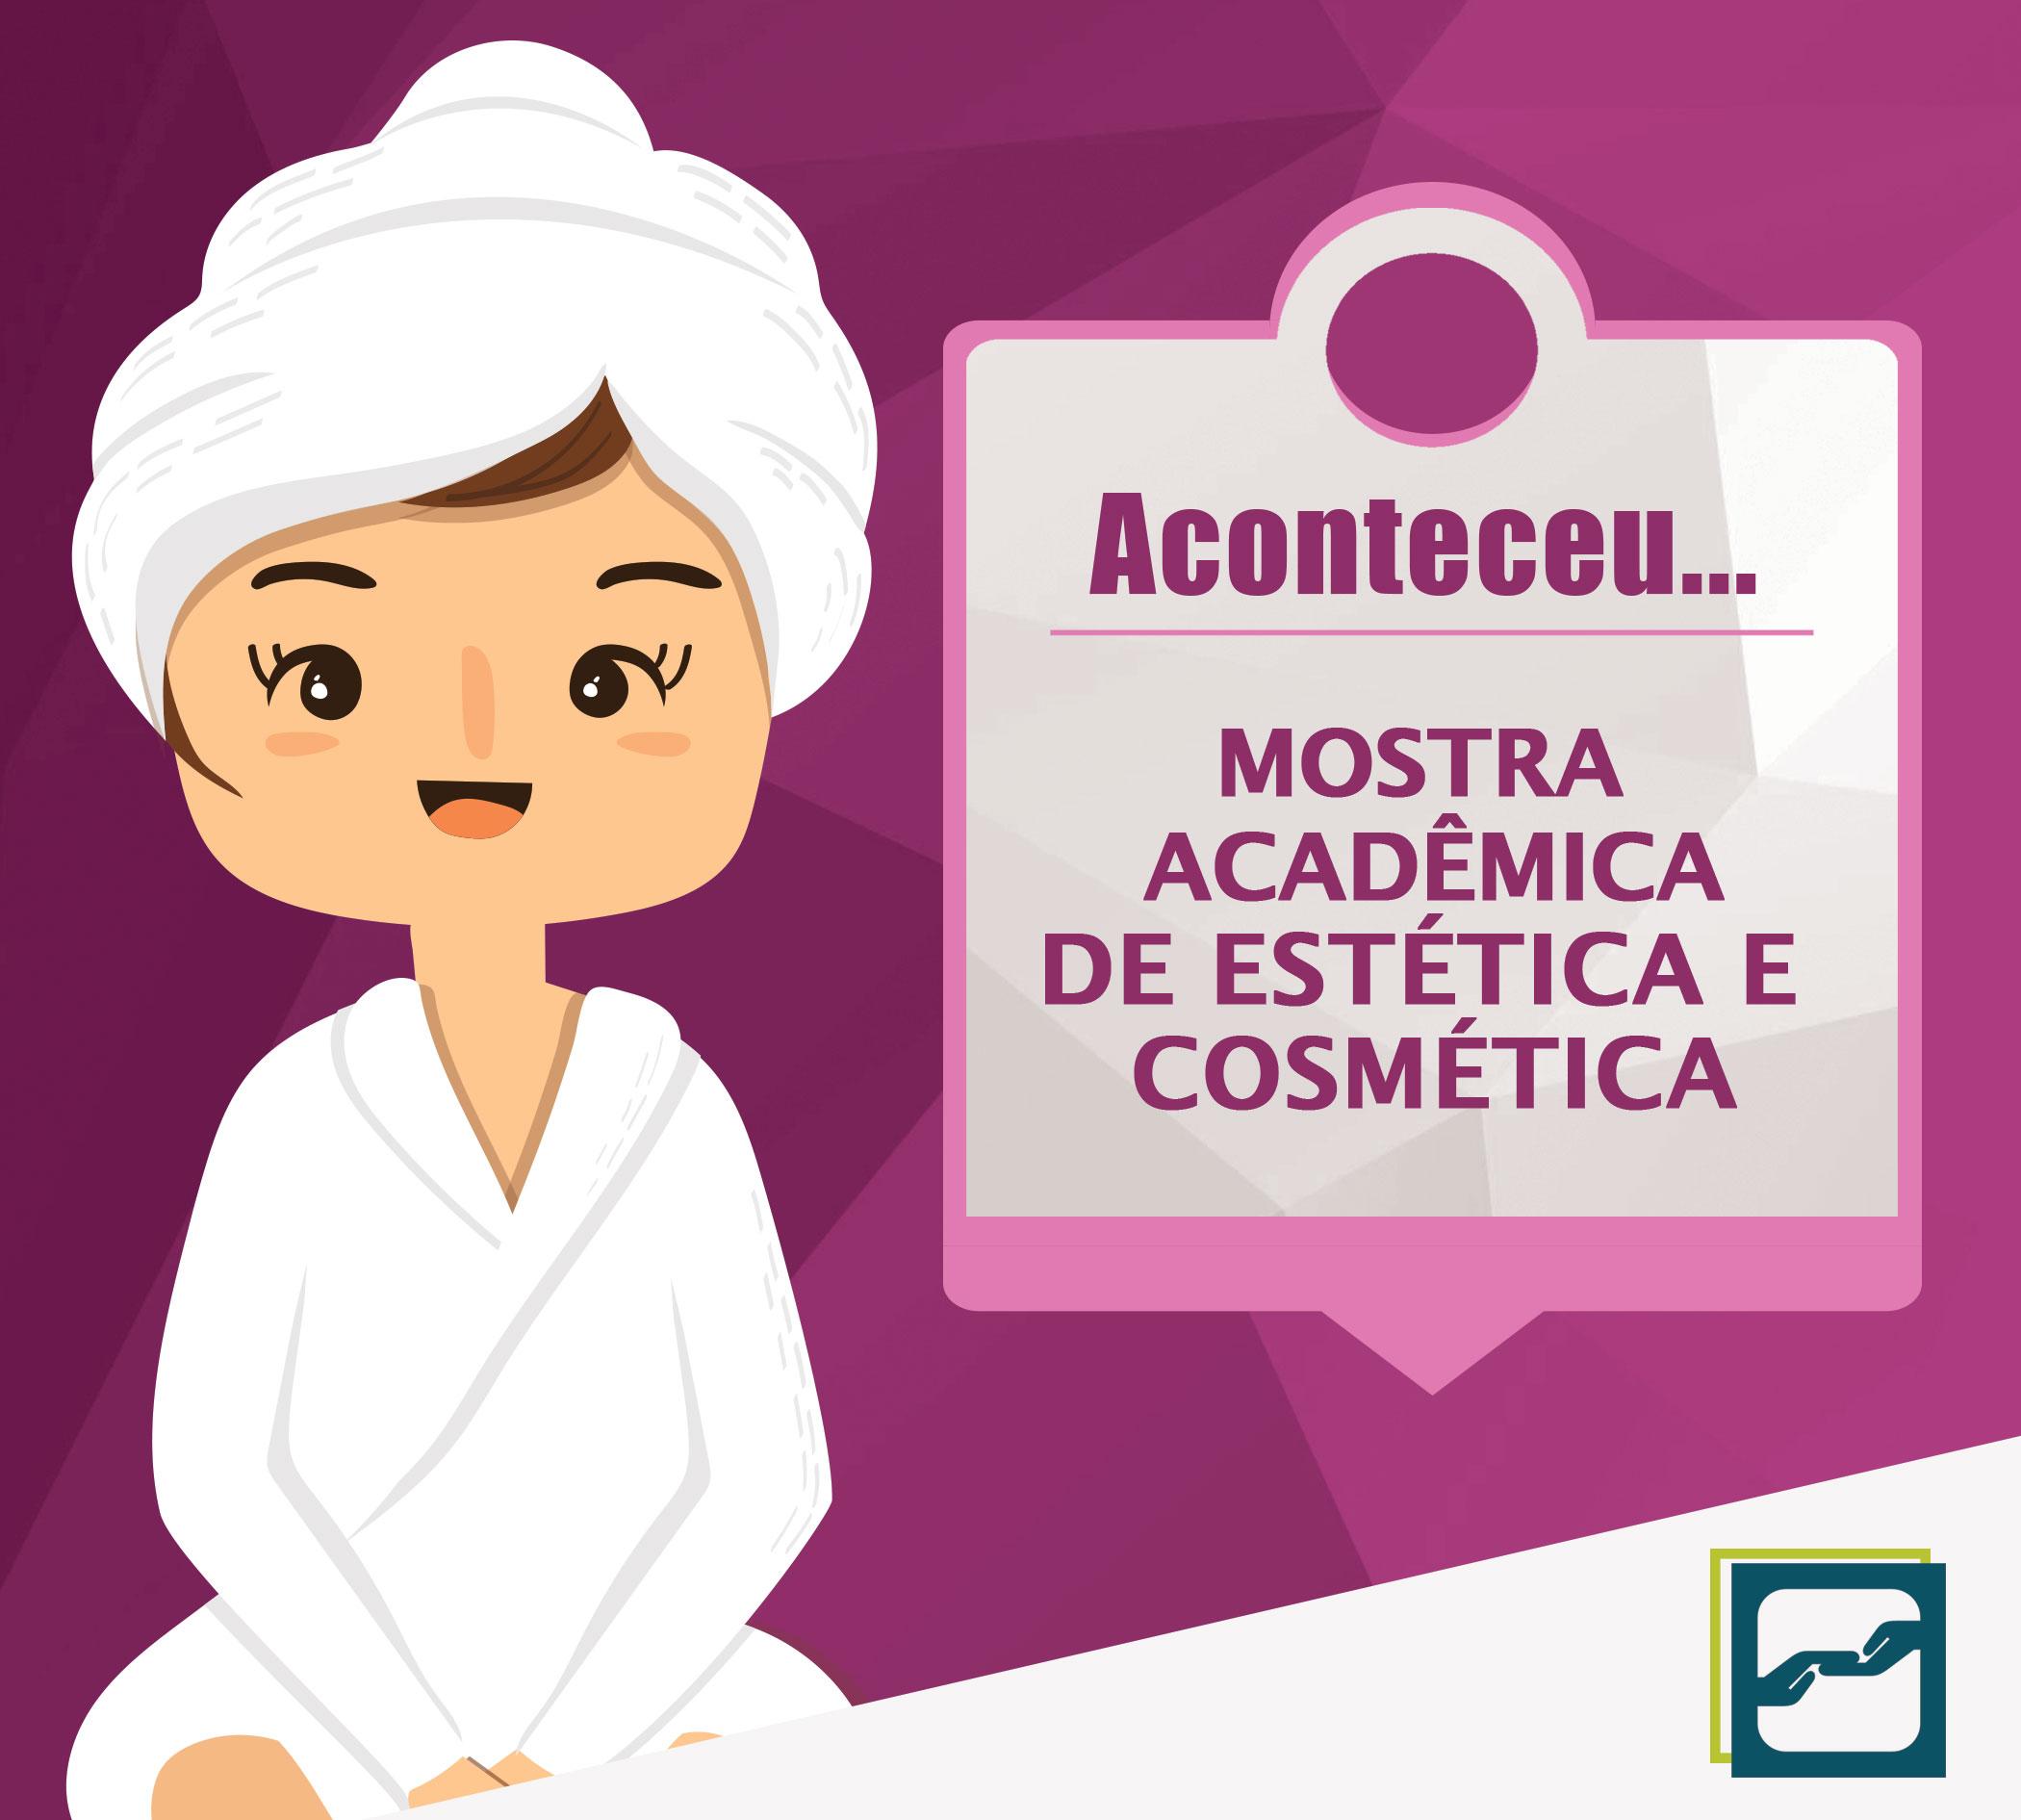 mostra_academia_estetica_cosmetica